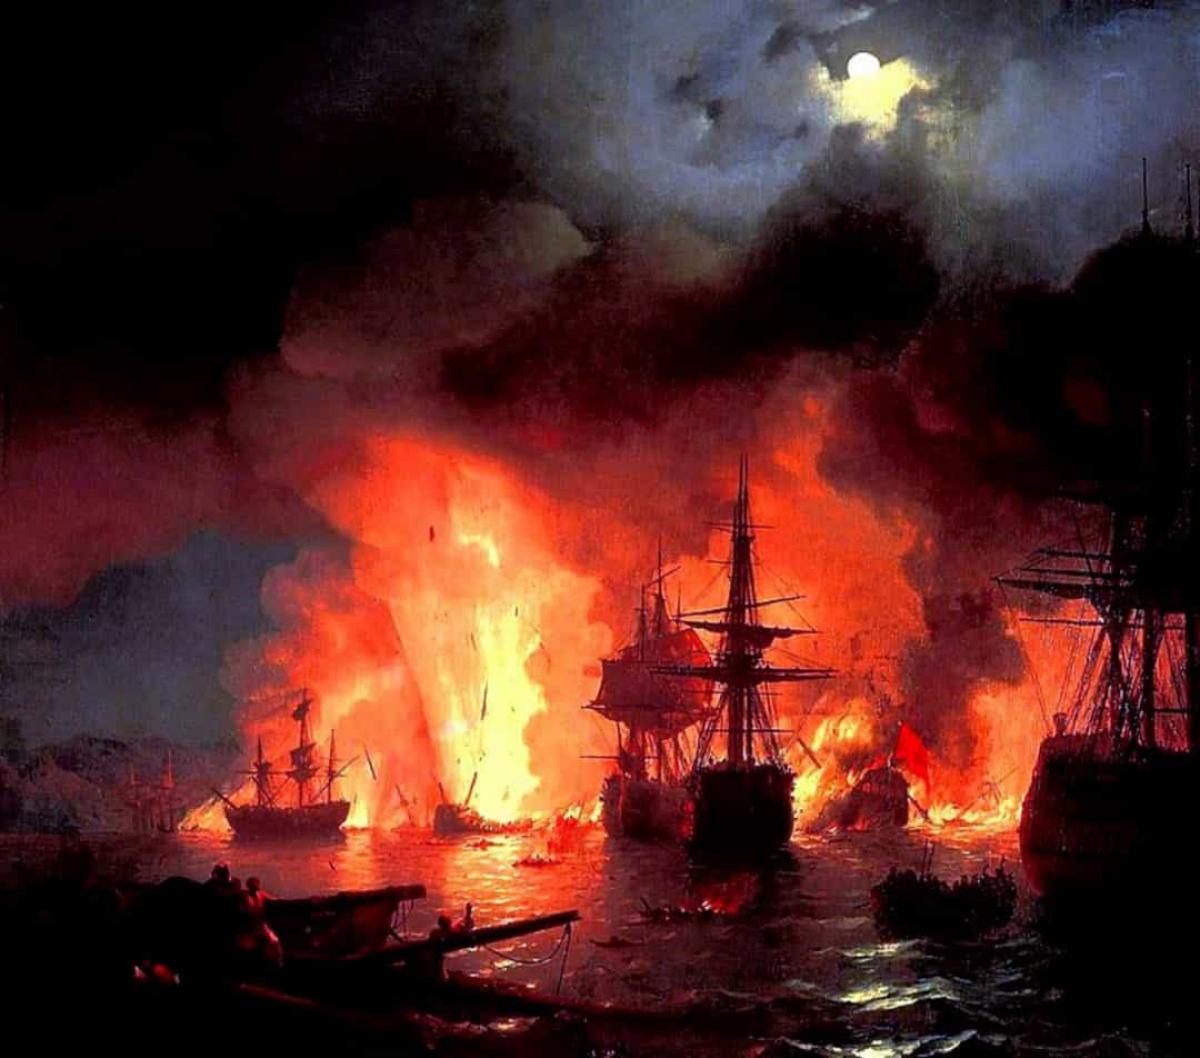 Trận Chesma diễn ra từ 4 - 7/7/1770 gần Vịnh Chesma ngoài khơi mũi Anatolia (thuộc Thổ Nhĩ Kỳ ngày nay) và đảo Chios (một hòn đảo của Hy Lạp trên Biển Aegean). Đây là trận đầu tiên trong số những trận chiến ác liệt giữa Ottoman và Nga trong Chiến tranh Nga - Thổ (1768 - 1774), đồng thời là thất bại trên biển lớn nhất mà đế quốc Ottoman phải trải qua kể từ trận Lepanto.